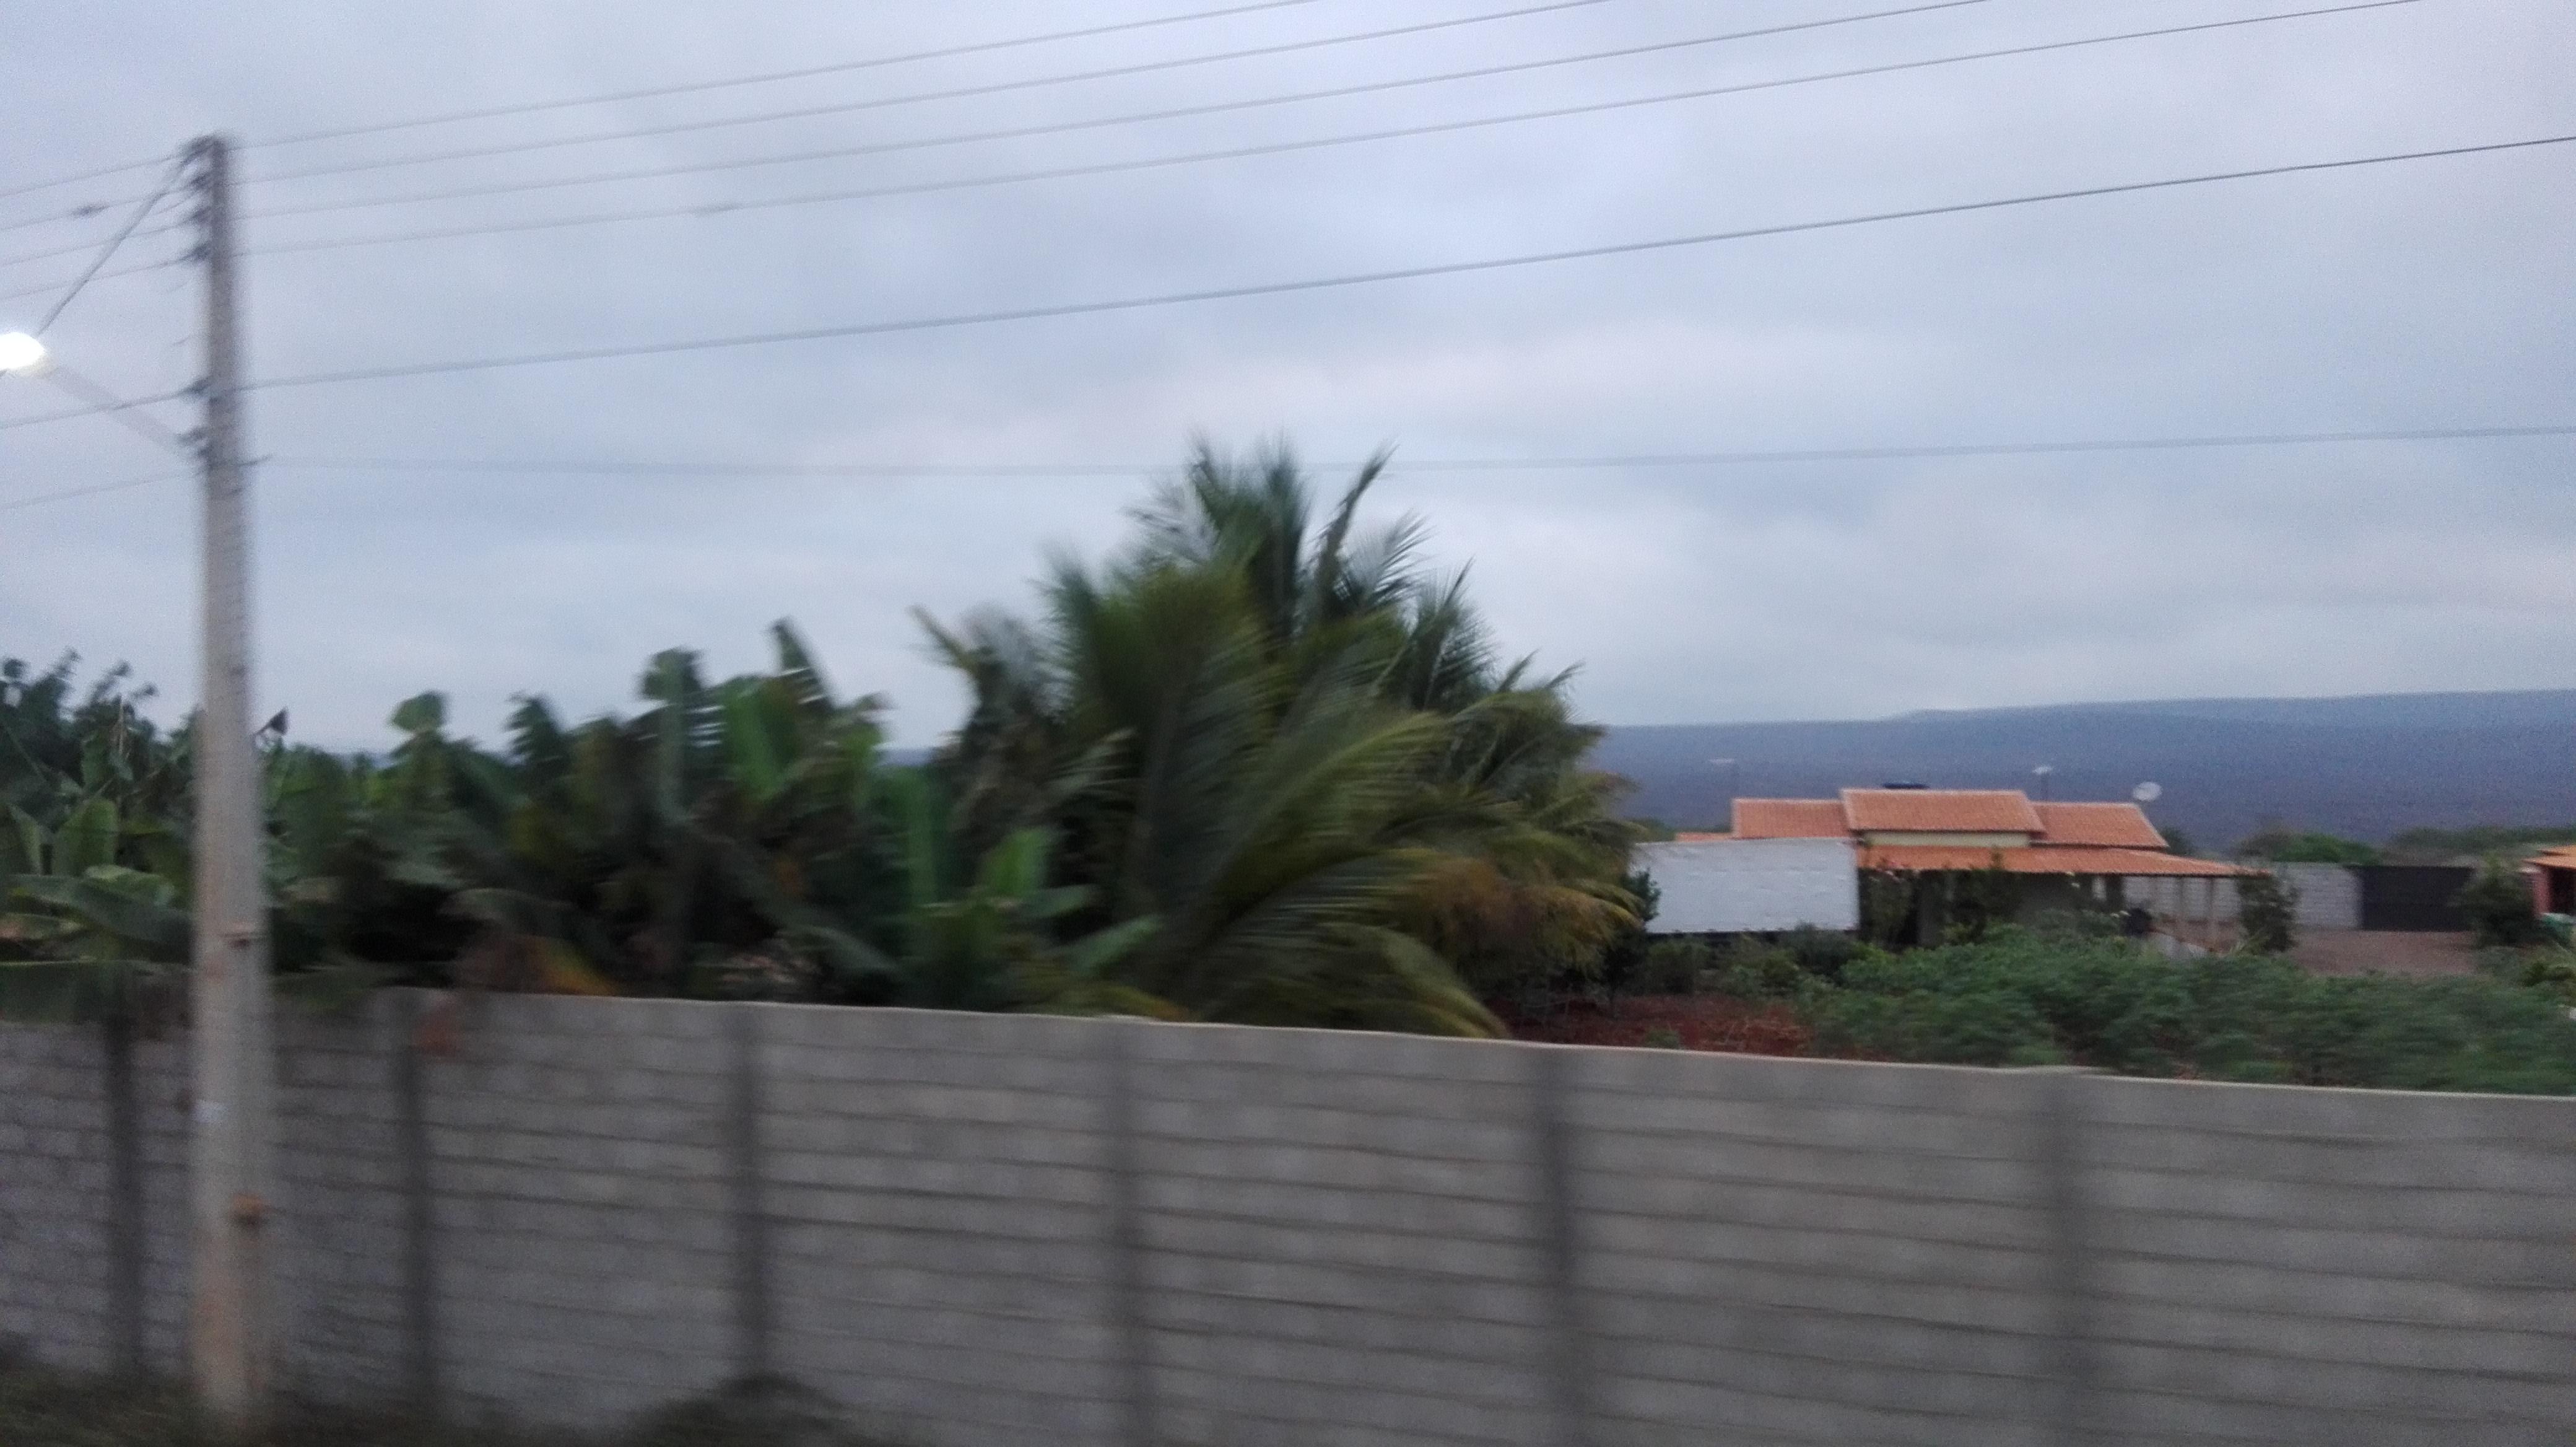 de-eerste-indrukken-op-deze-weg-richting-Ibitiara-8